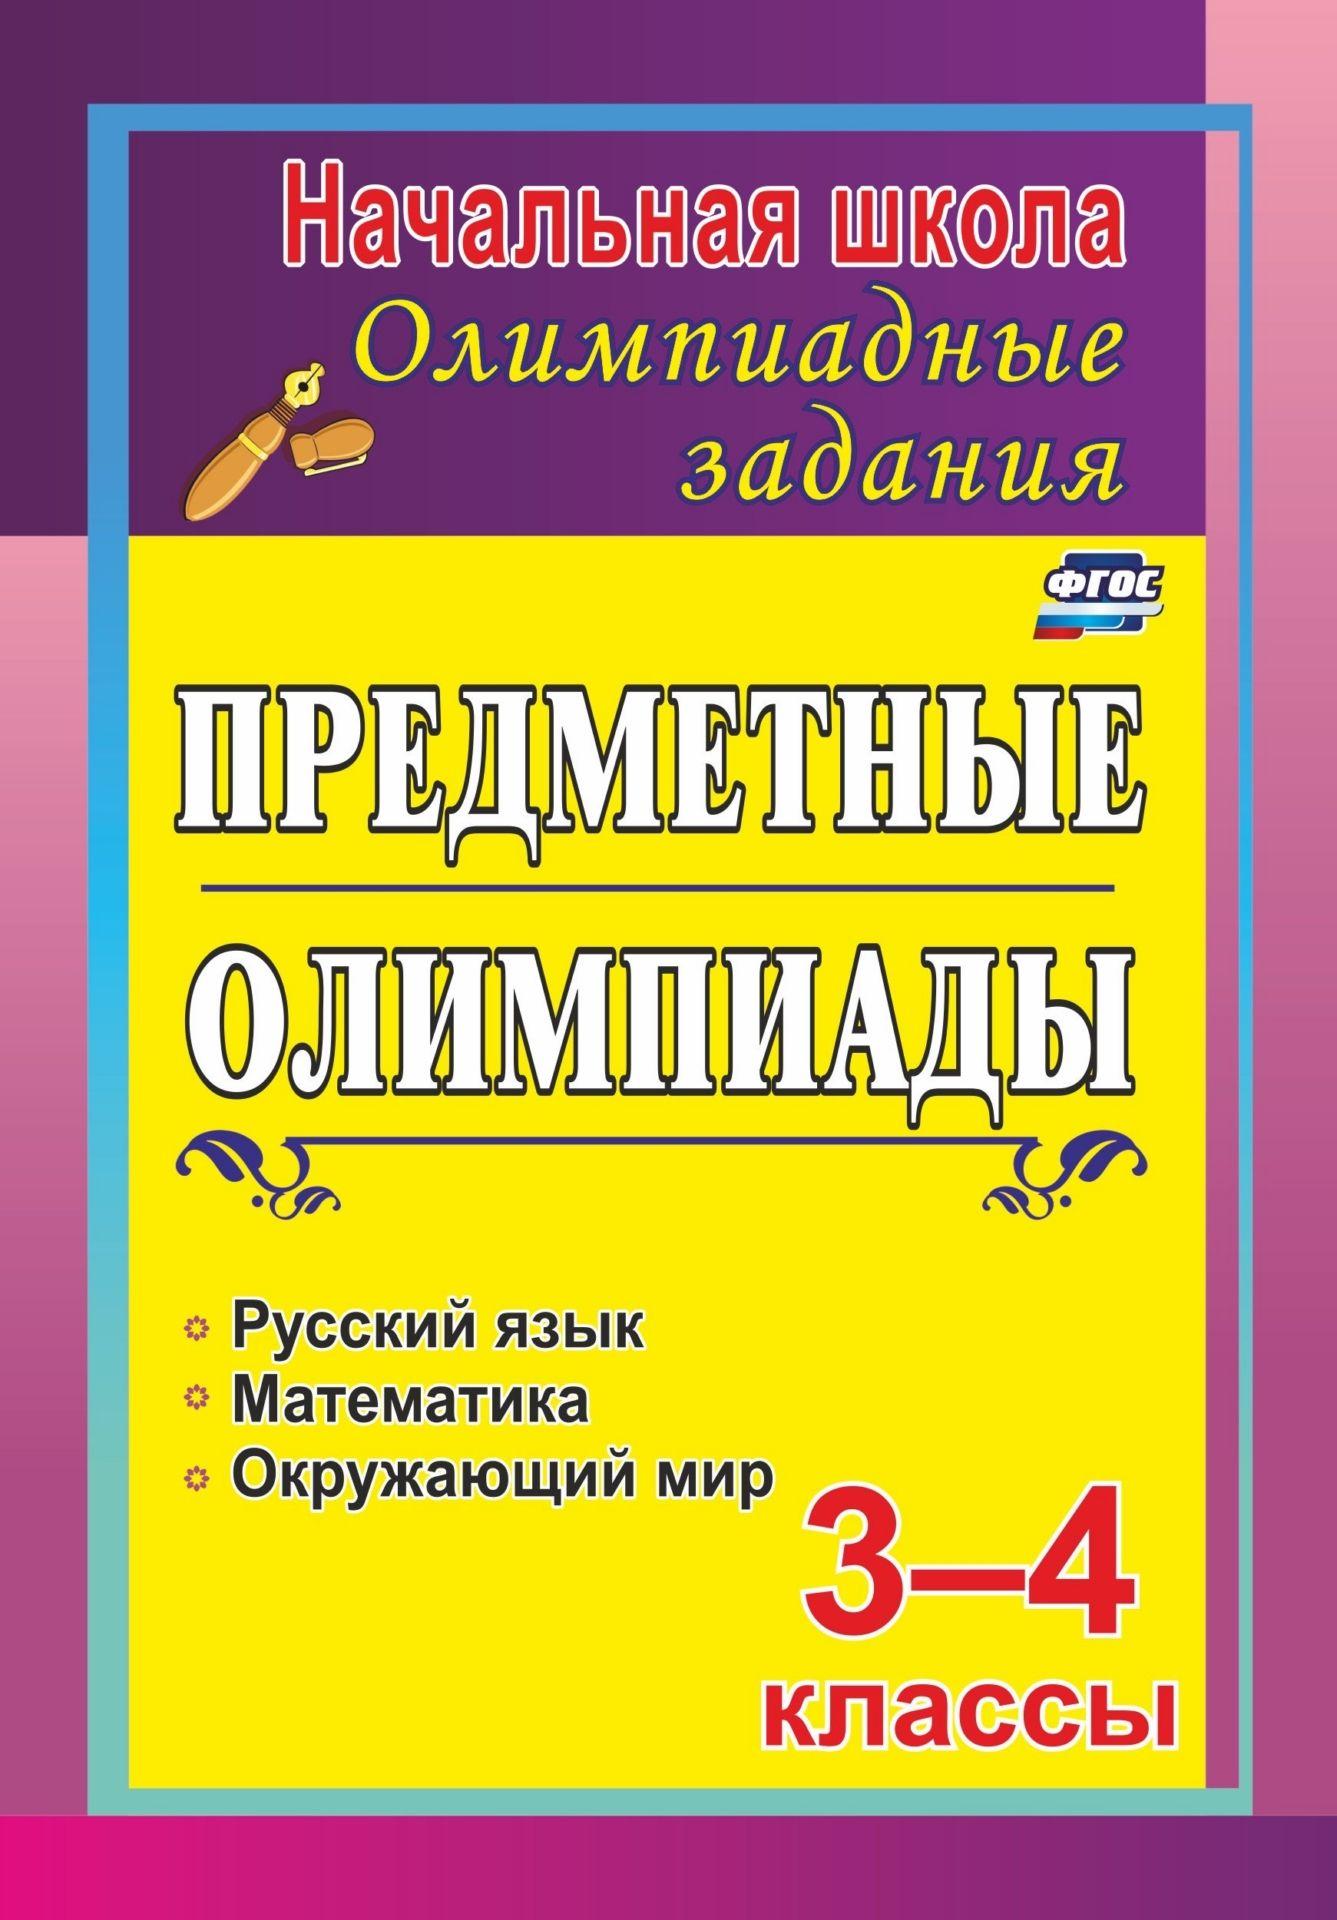 Задания для подготовки к олимпиадам. Предметные олимпиады. 3-4 классы